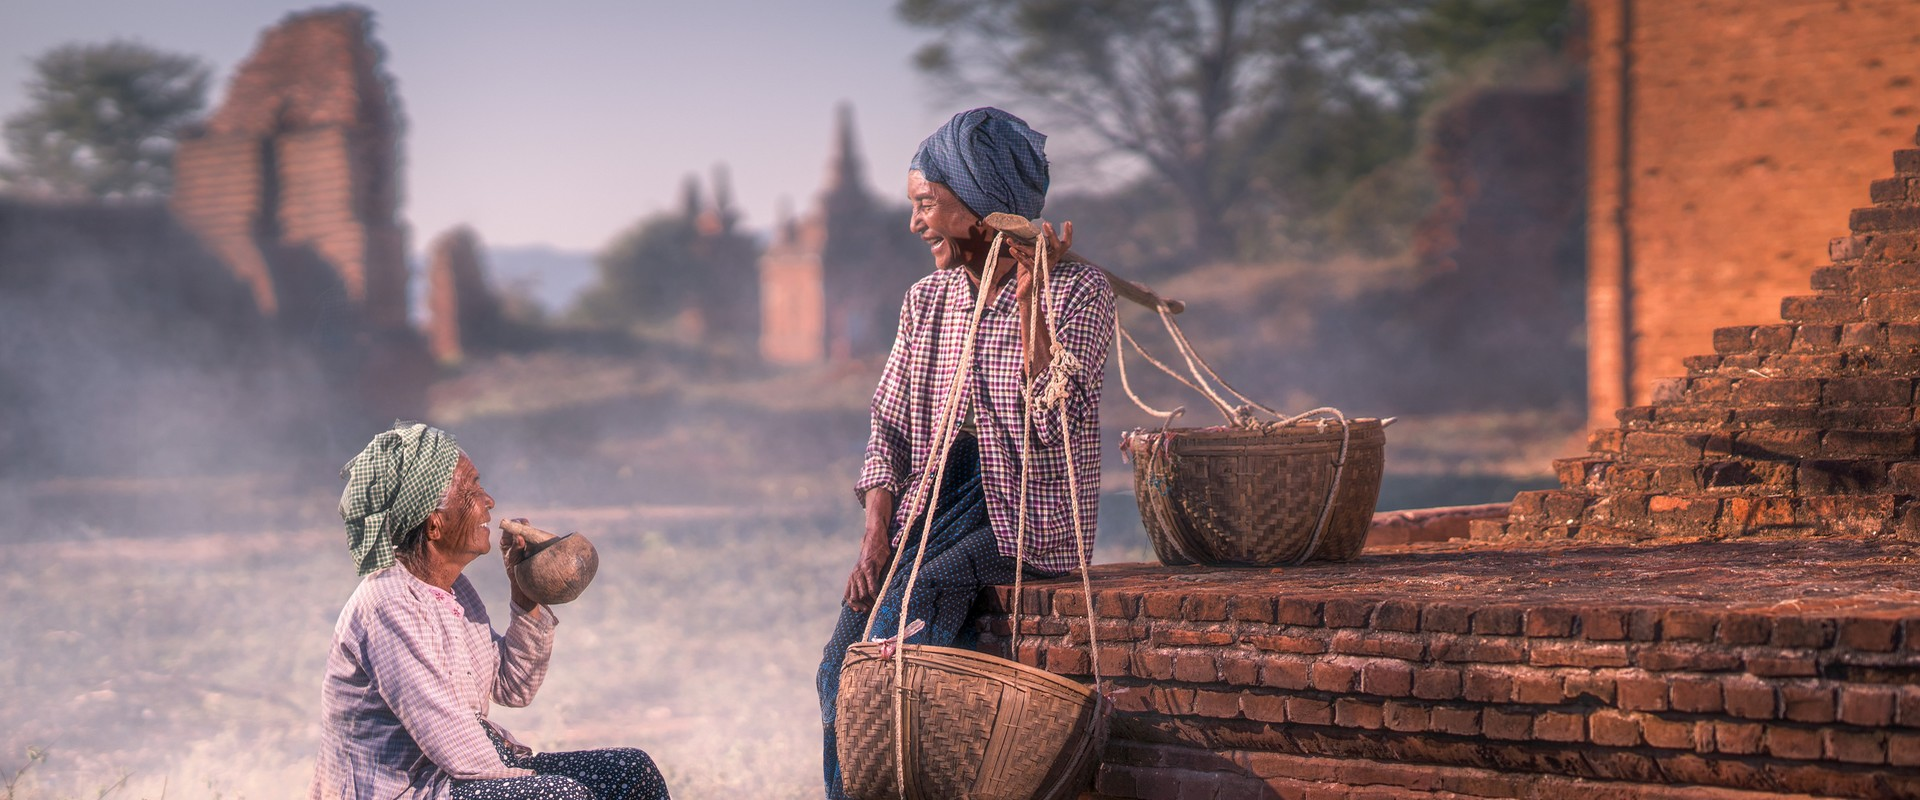 Voyage sur-mesure en Asie